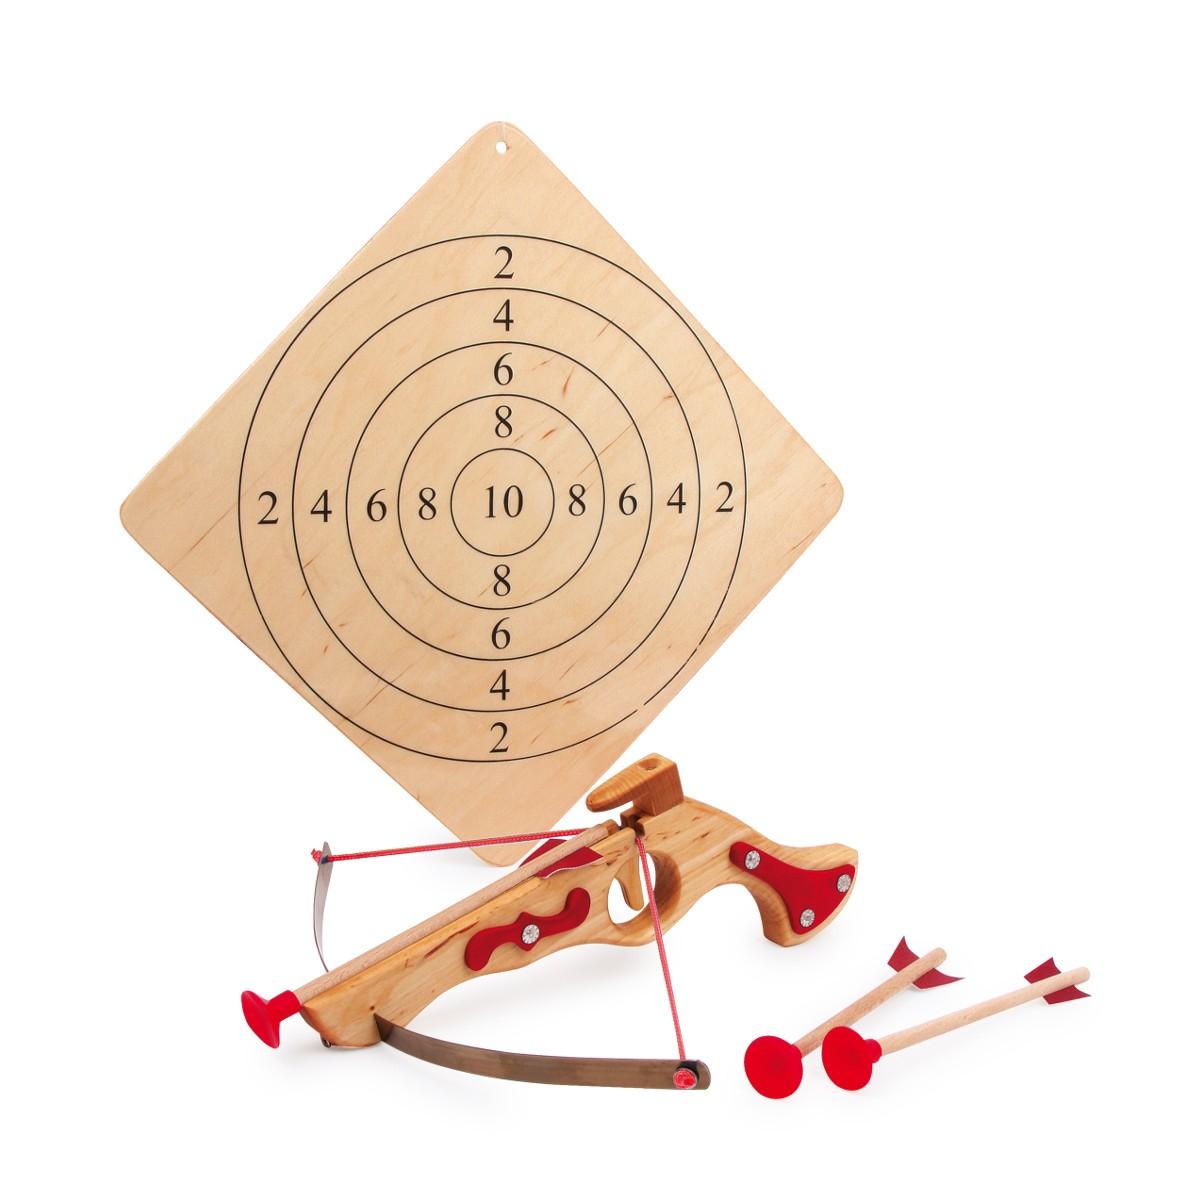 Drewniana kusza ze strzałkami i tarczą